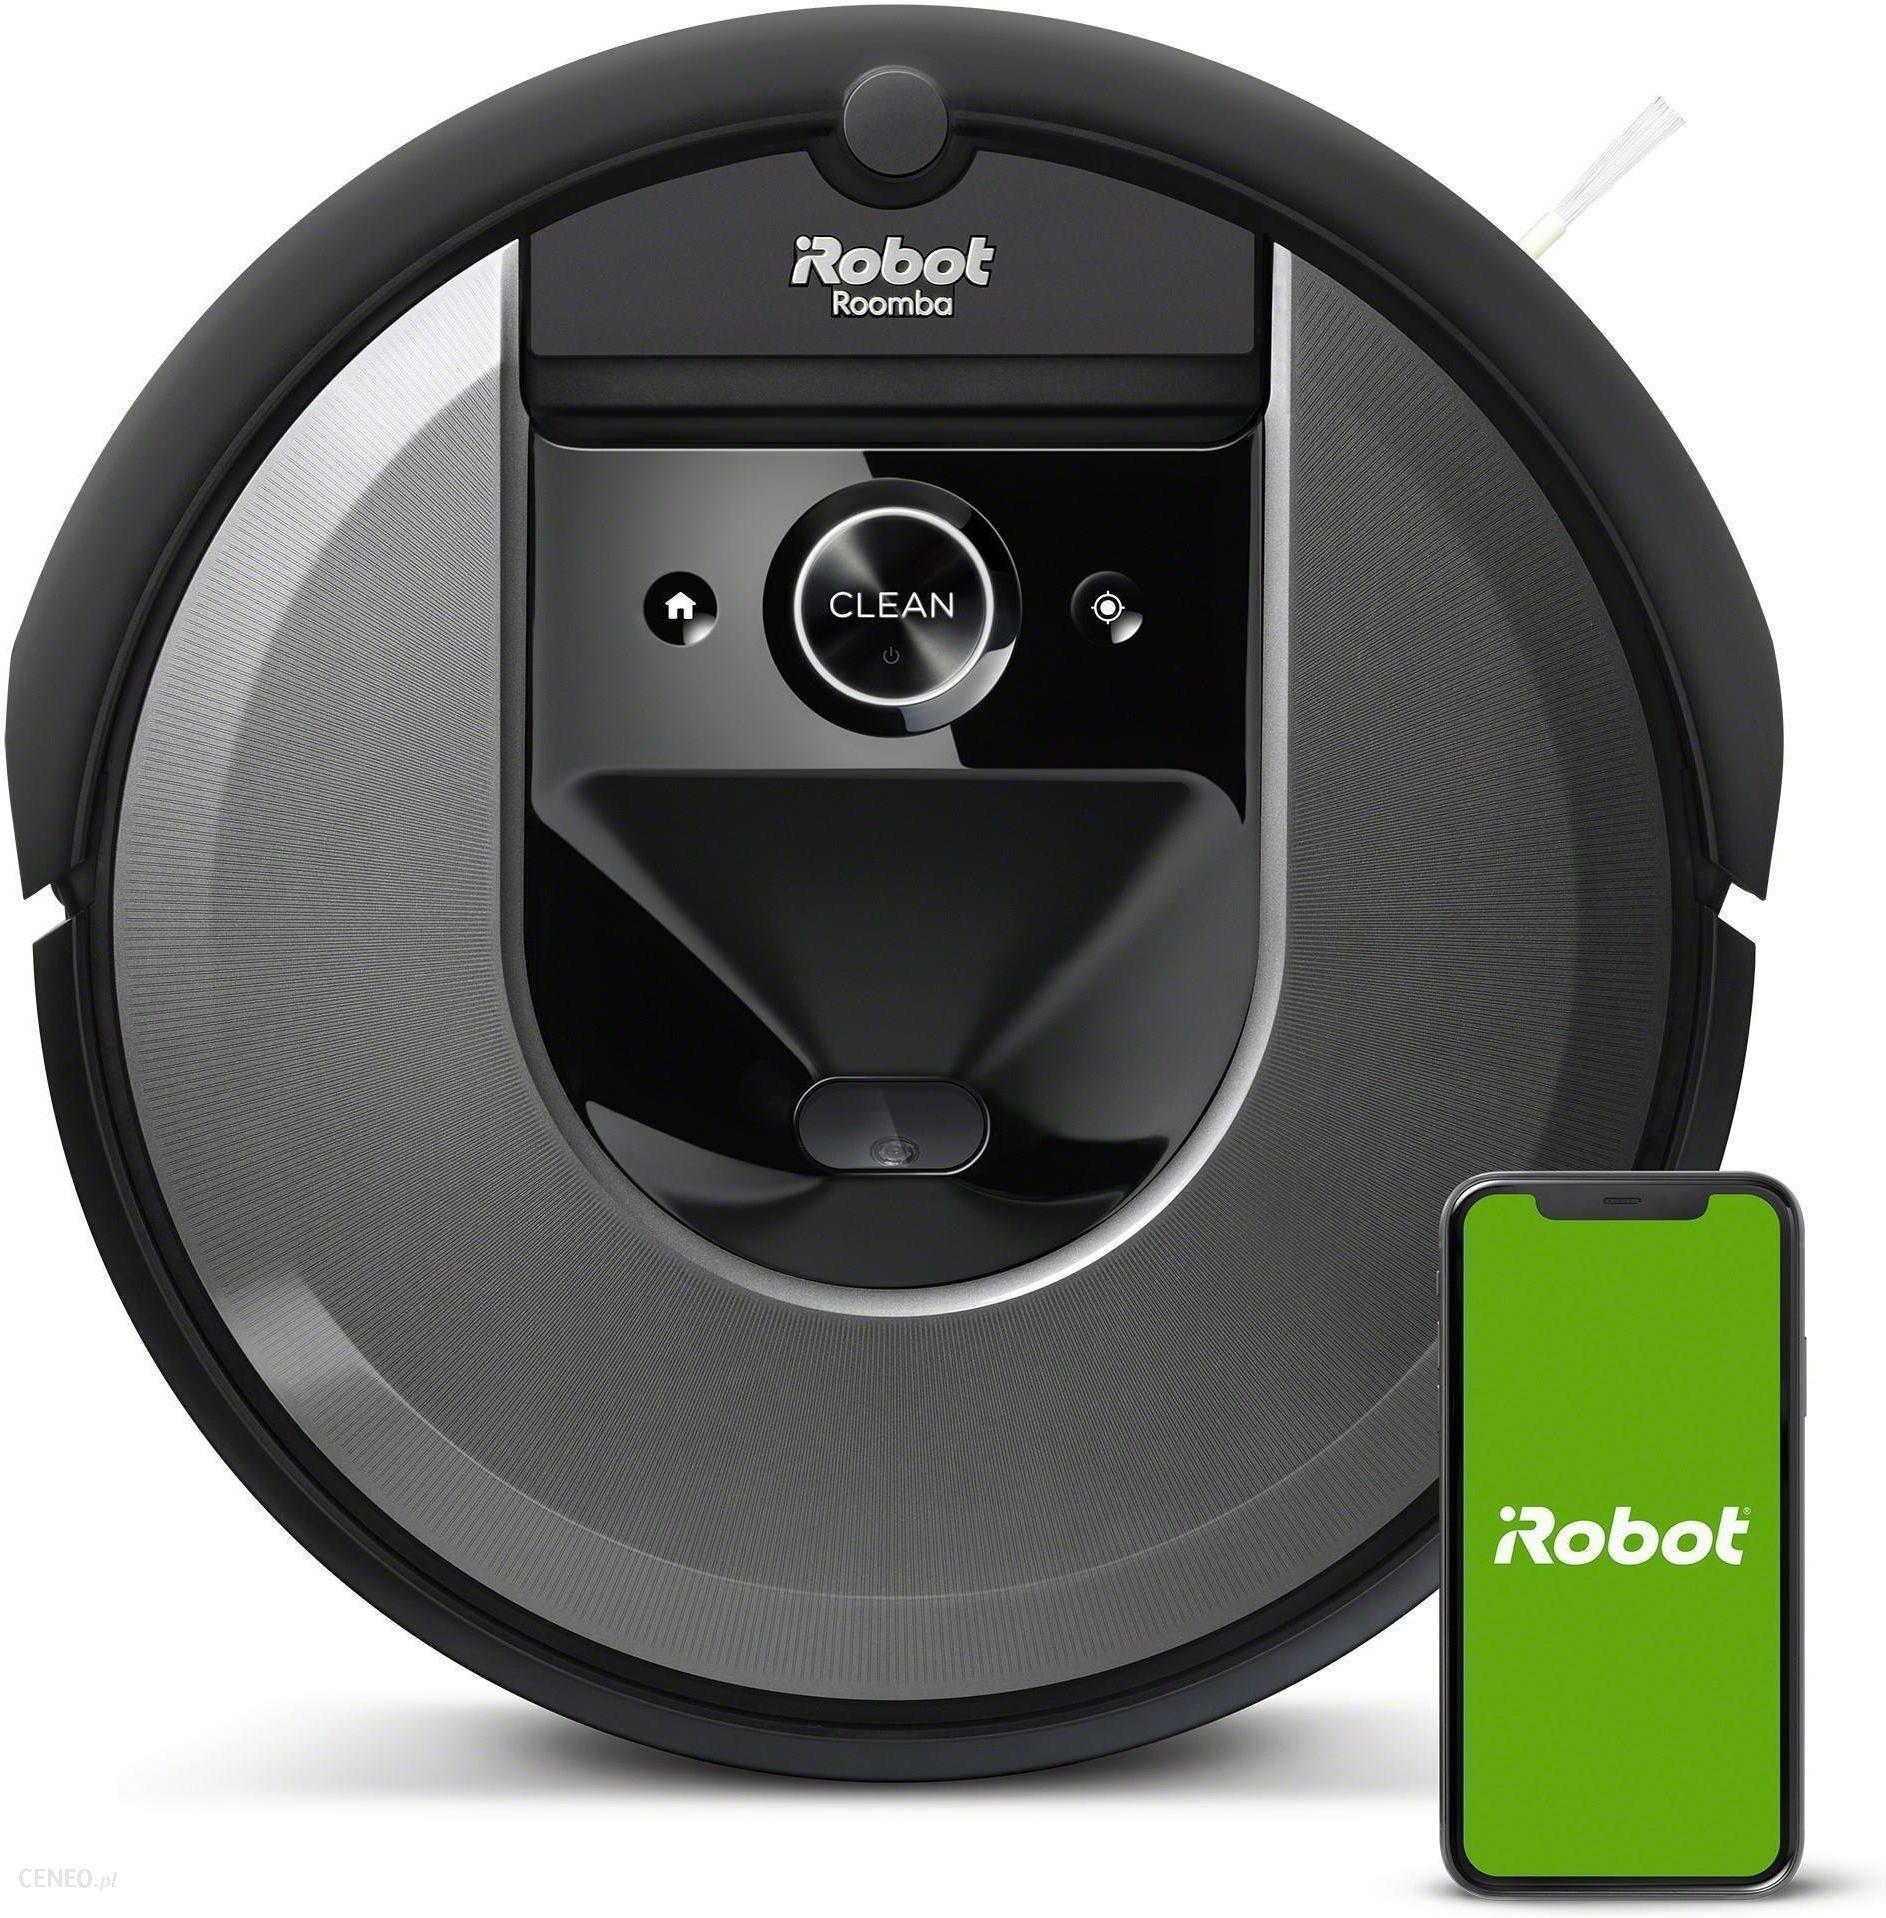 robot sprzątający iRobot Roomba